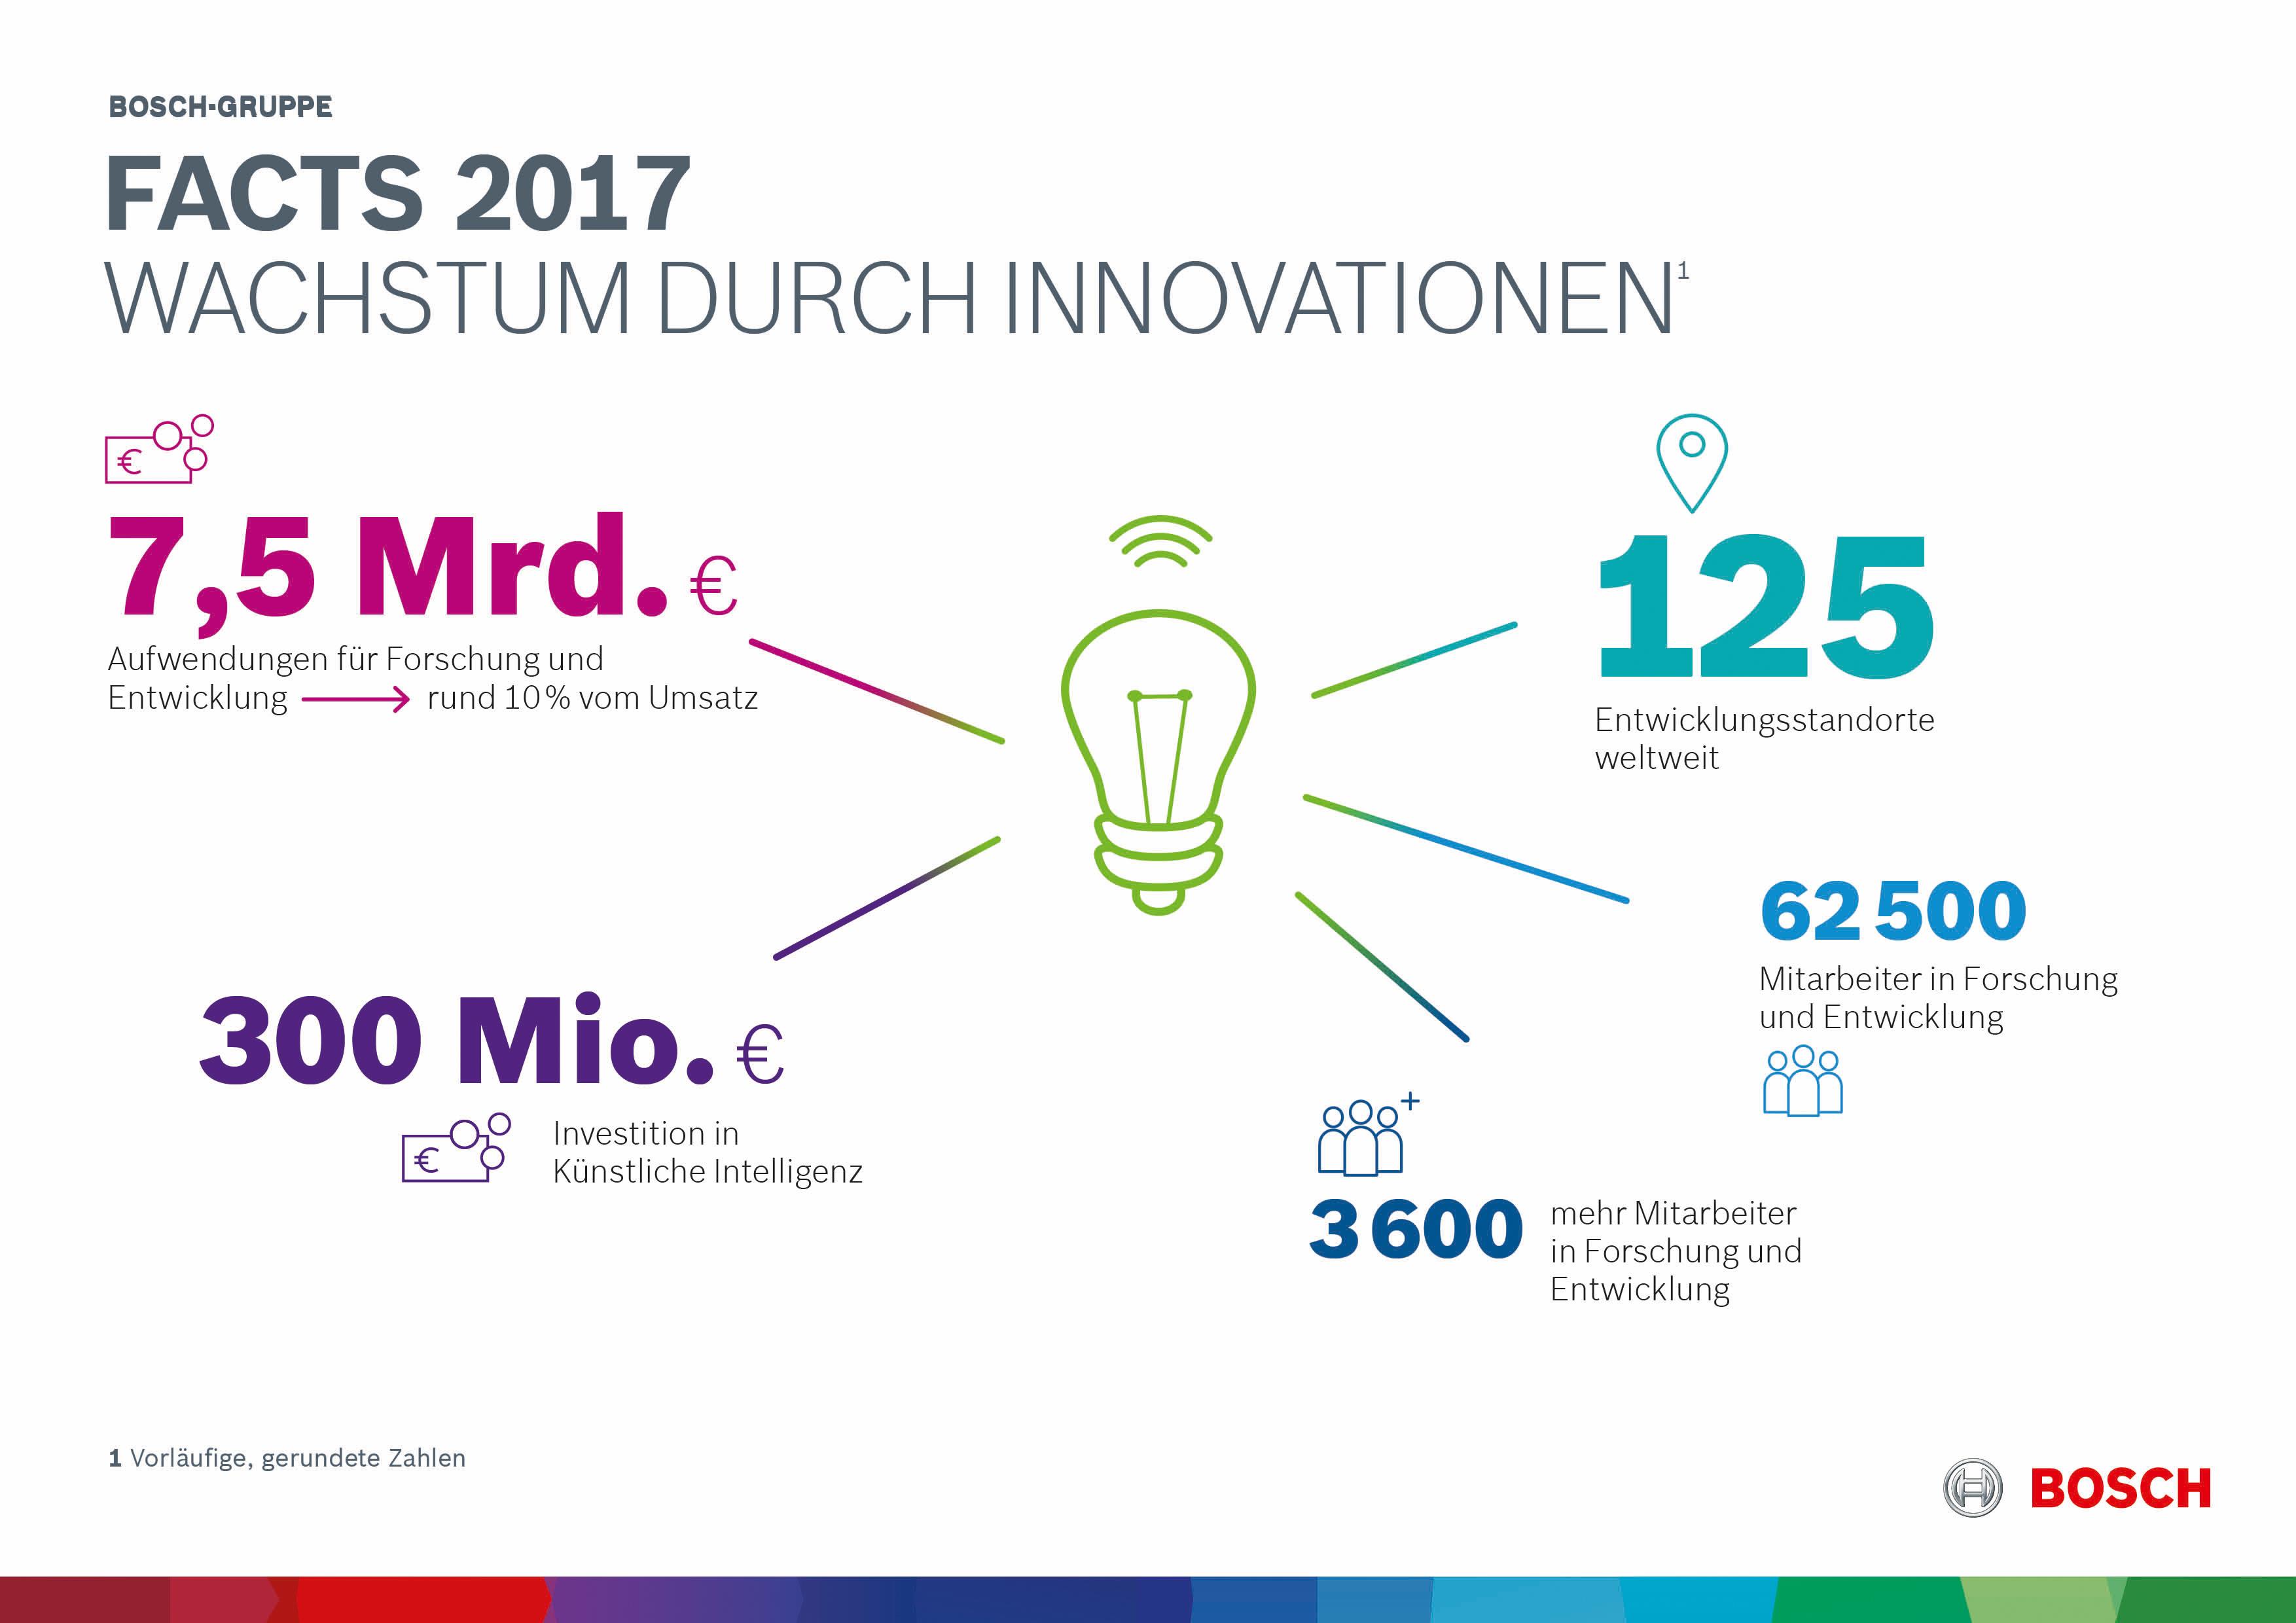 Facts 2017: Wachstum durch Innovationen